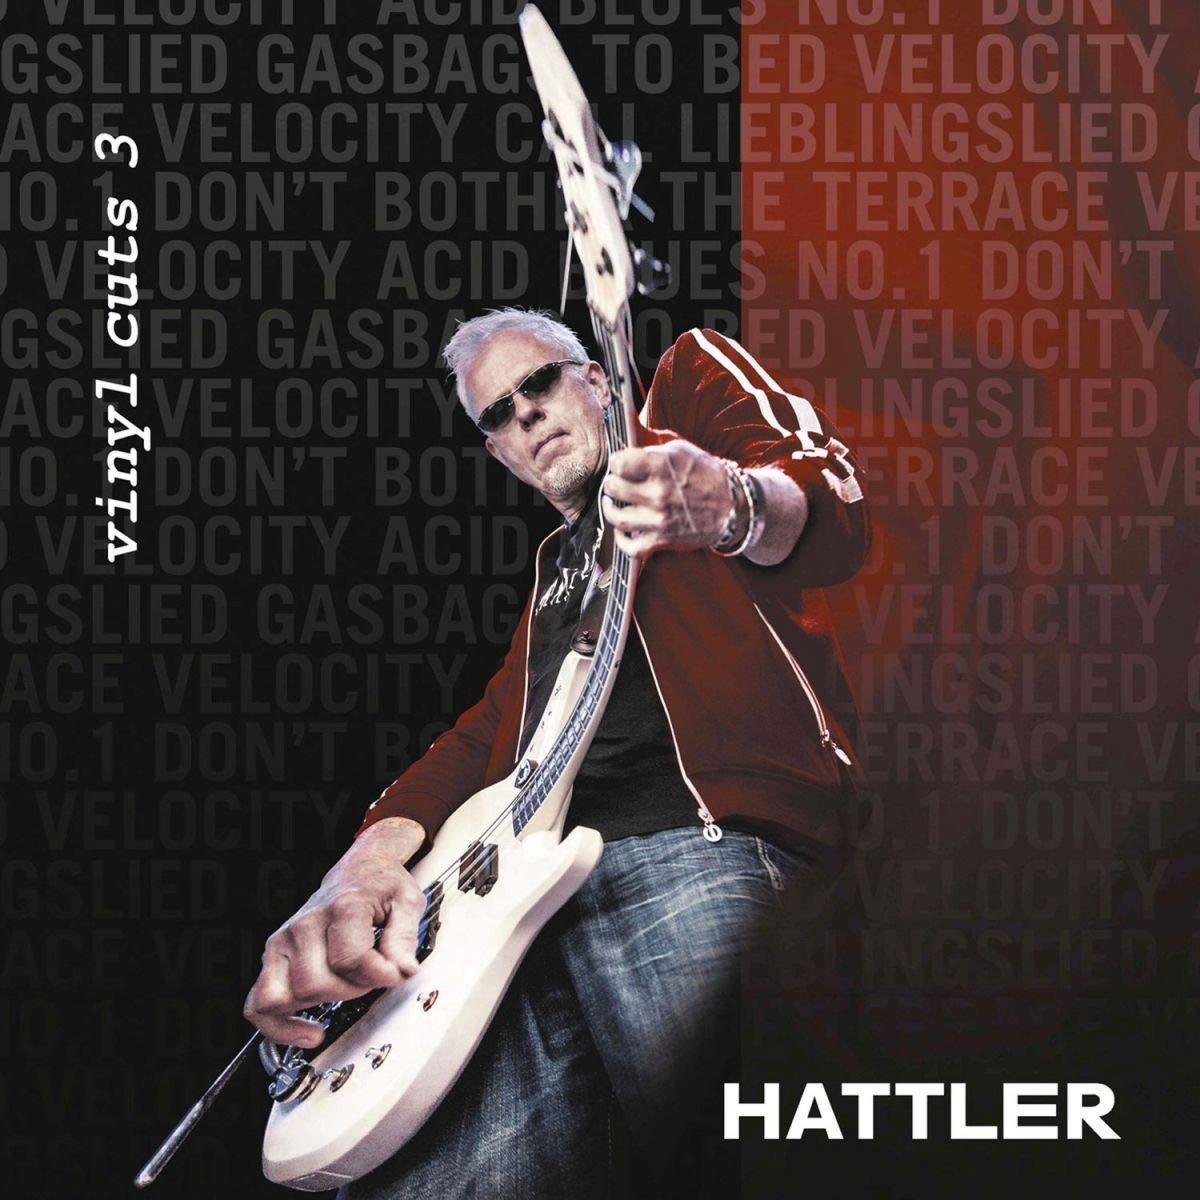 Hattler - Vinyl Cuts 3 - Album (2019) - front